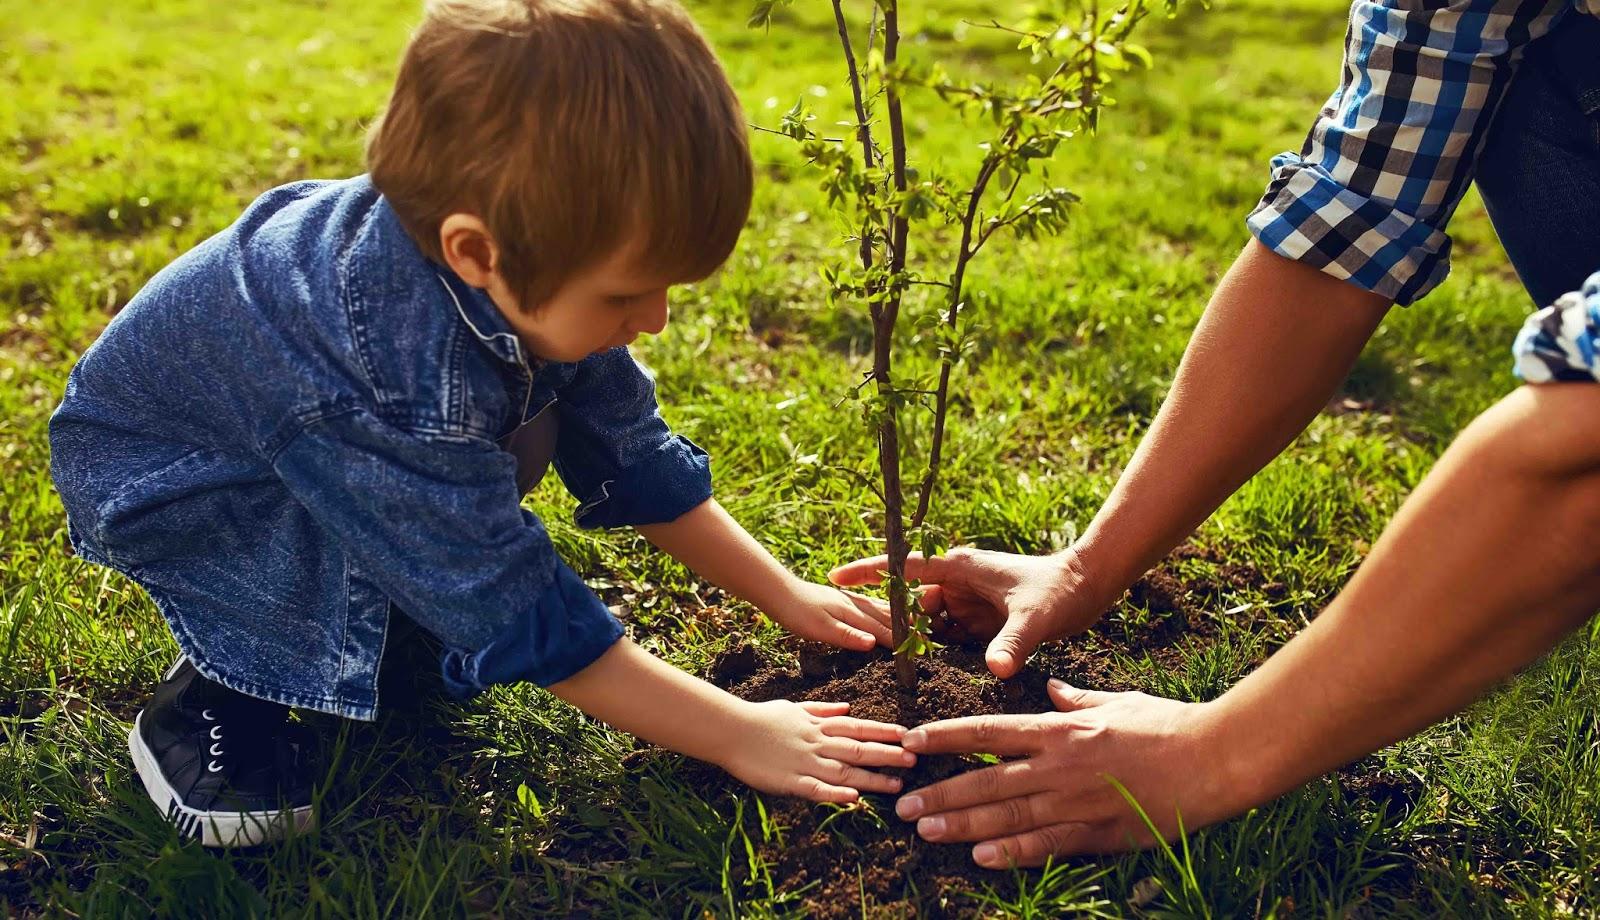 Ecolo bio nature permaculture urbaine et jardinage bio de novembre mars s 39 il ne g le pas - Quoi planter en novembre ...